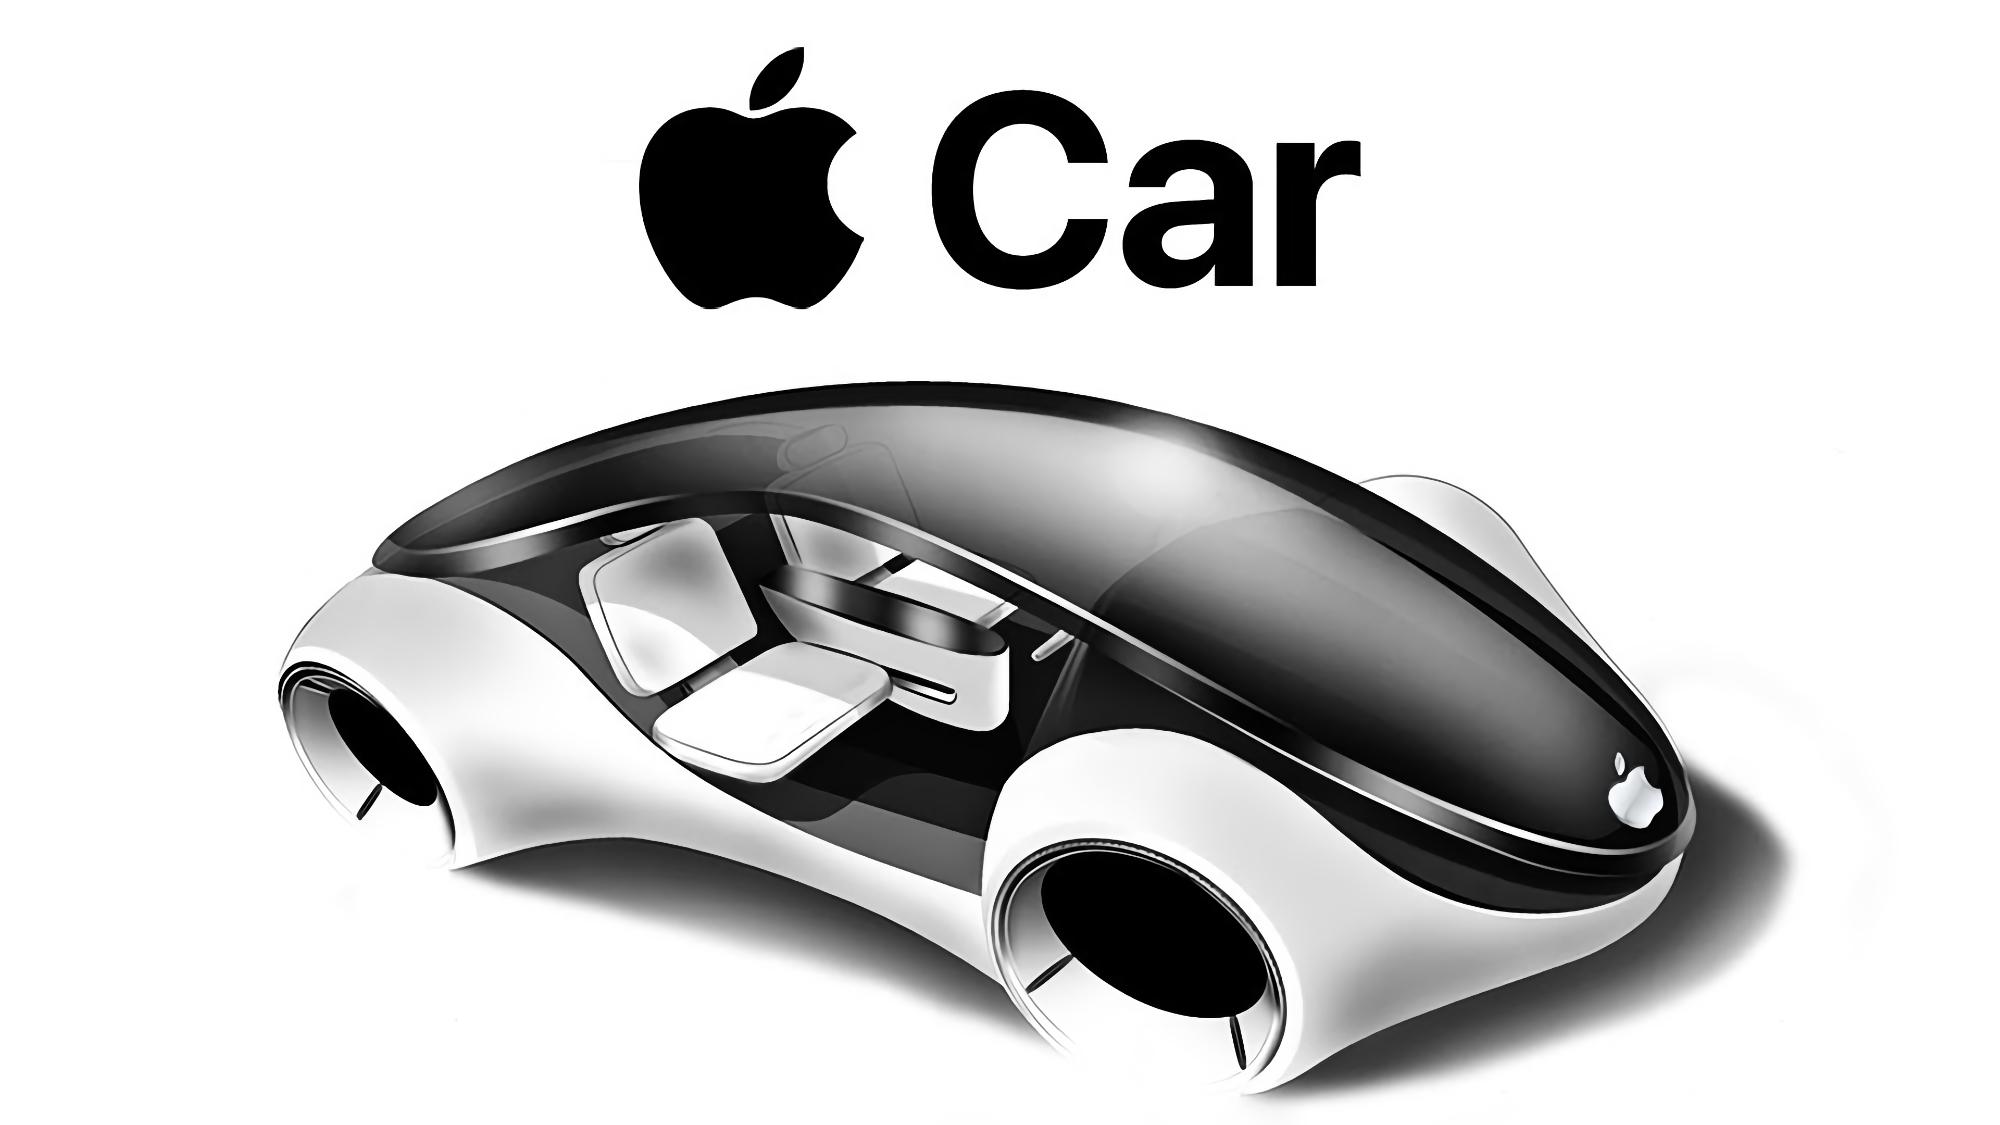 Не договорились: Apple и Hyundai прекратили переговоры по поводу производства Apple Car